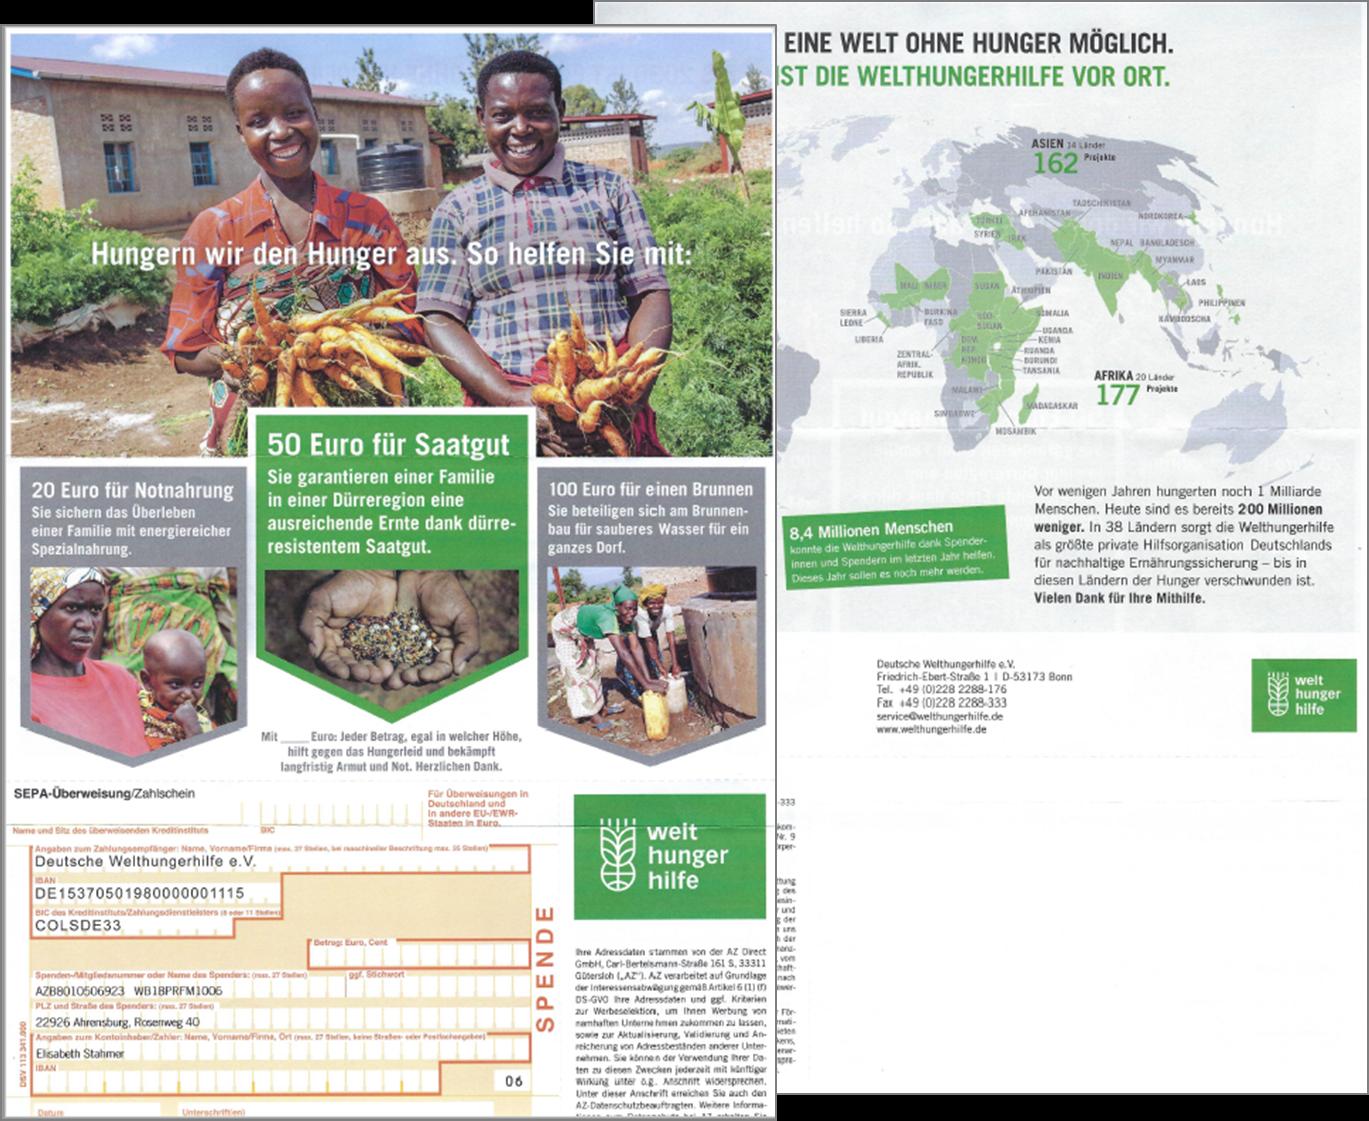 Mailing Welthungerhilfe e.V. Anlage 1 mit Überweisungsträger